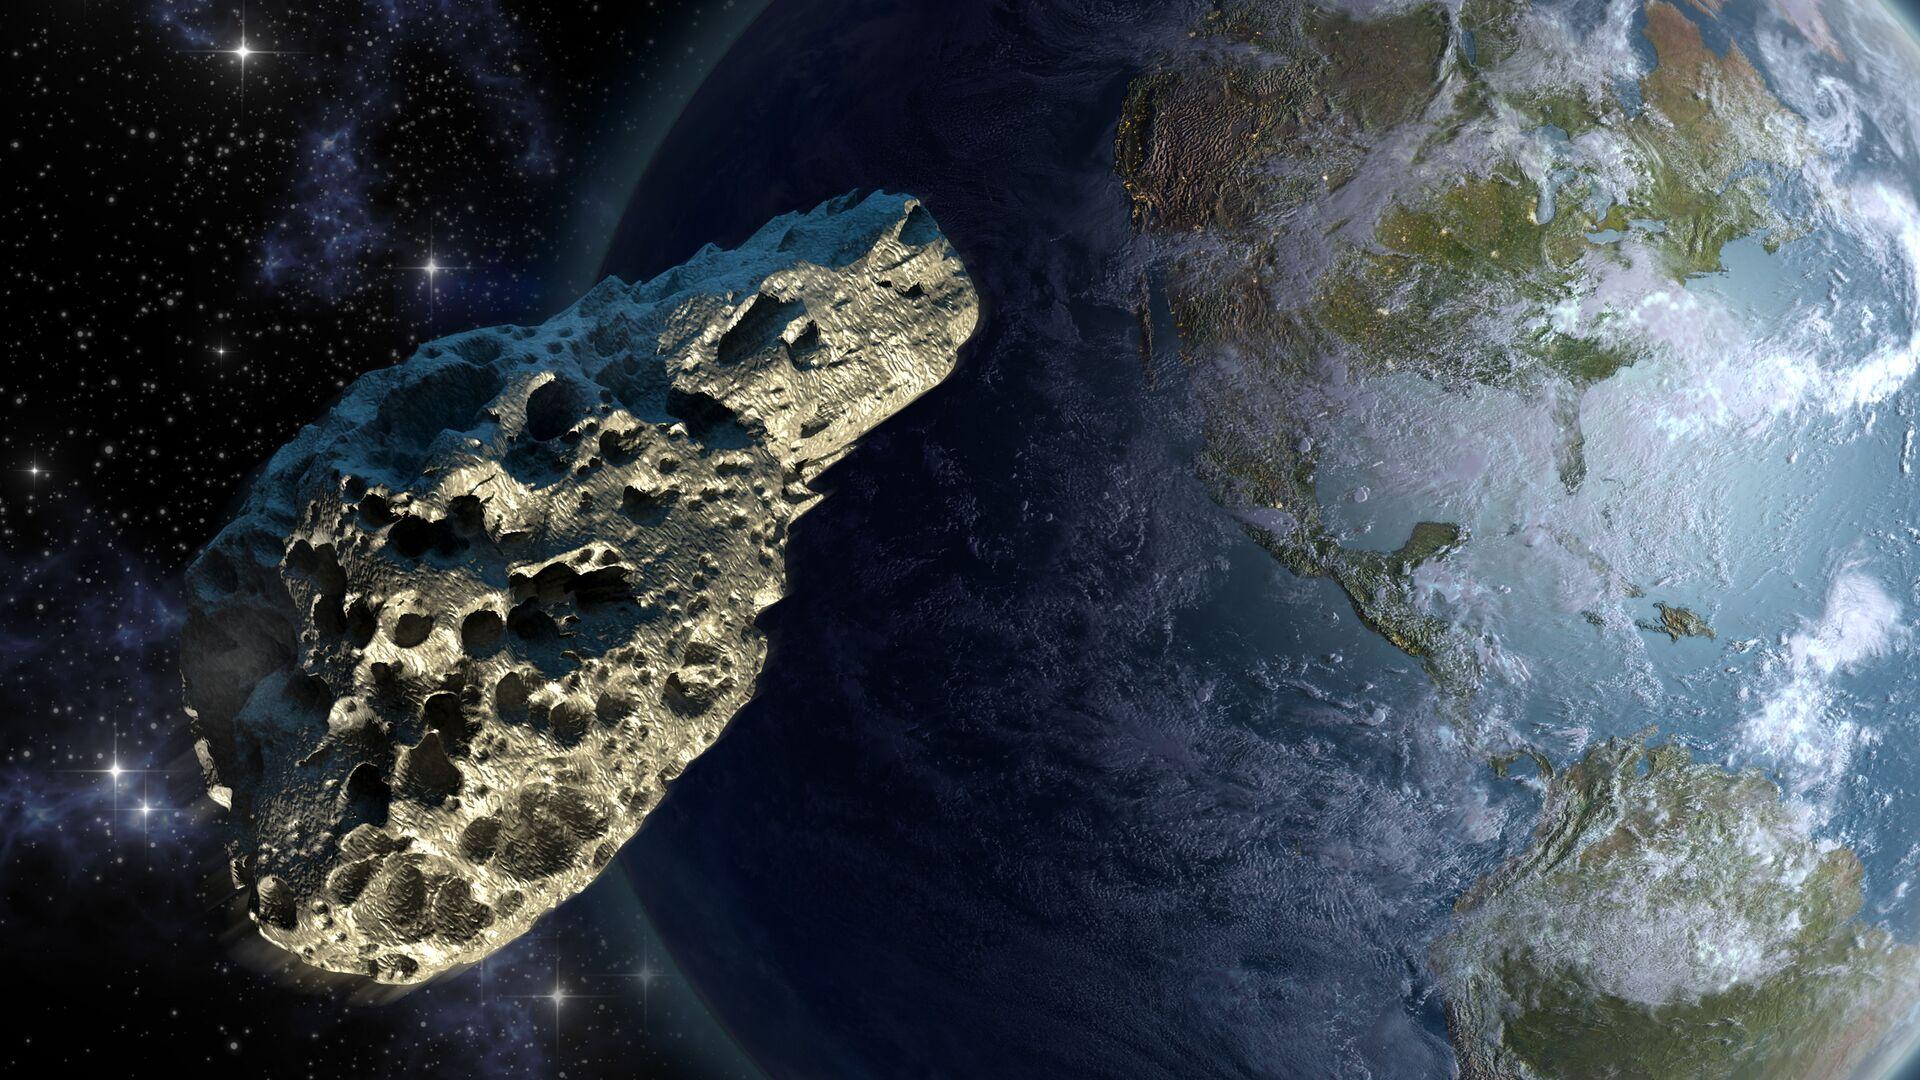 Asteroid, který se směřuje k Zemi - Sputnik Česká republika, 1920, 29.07.2021